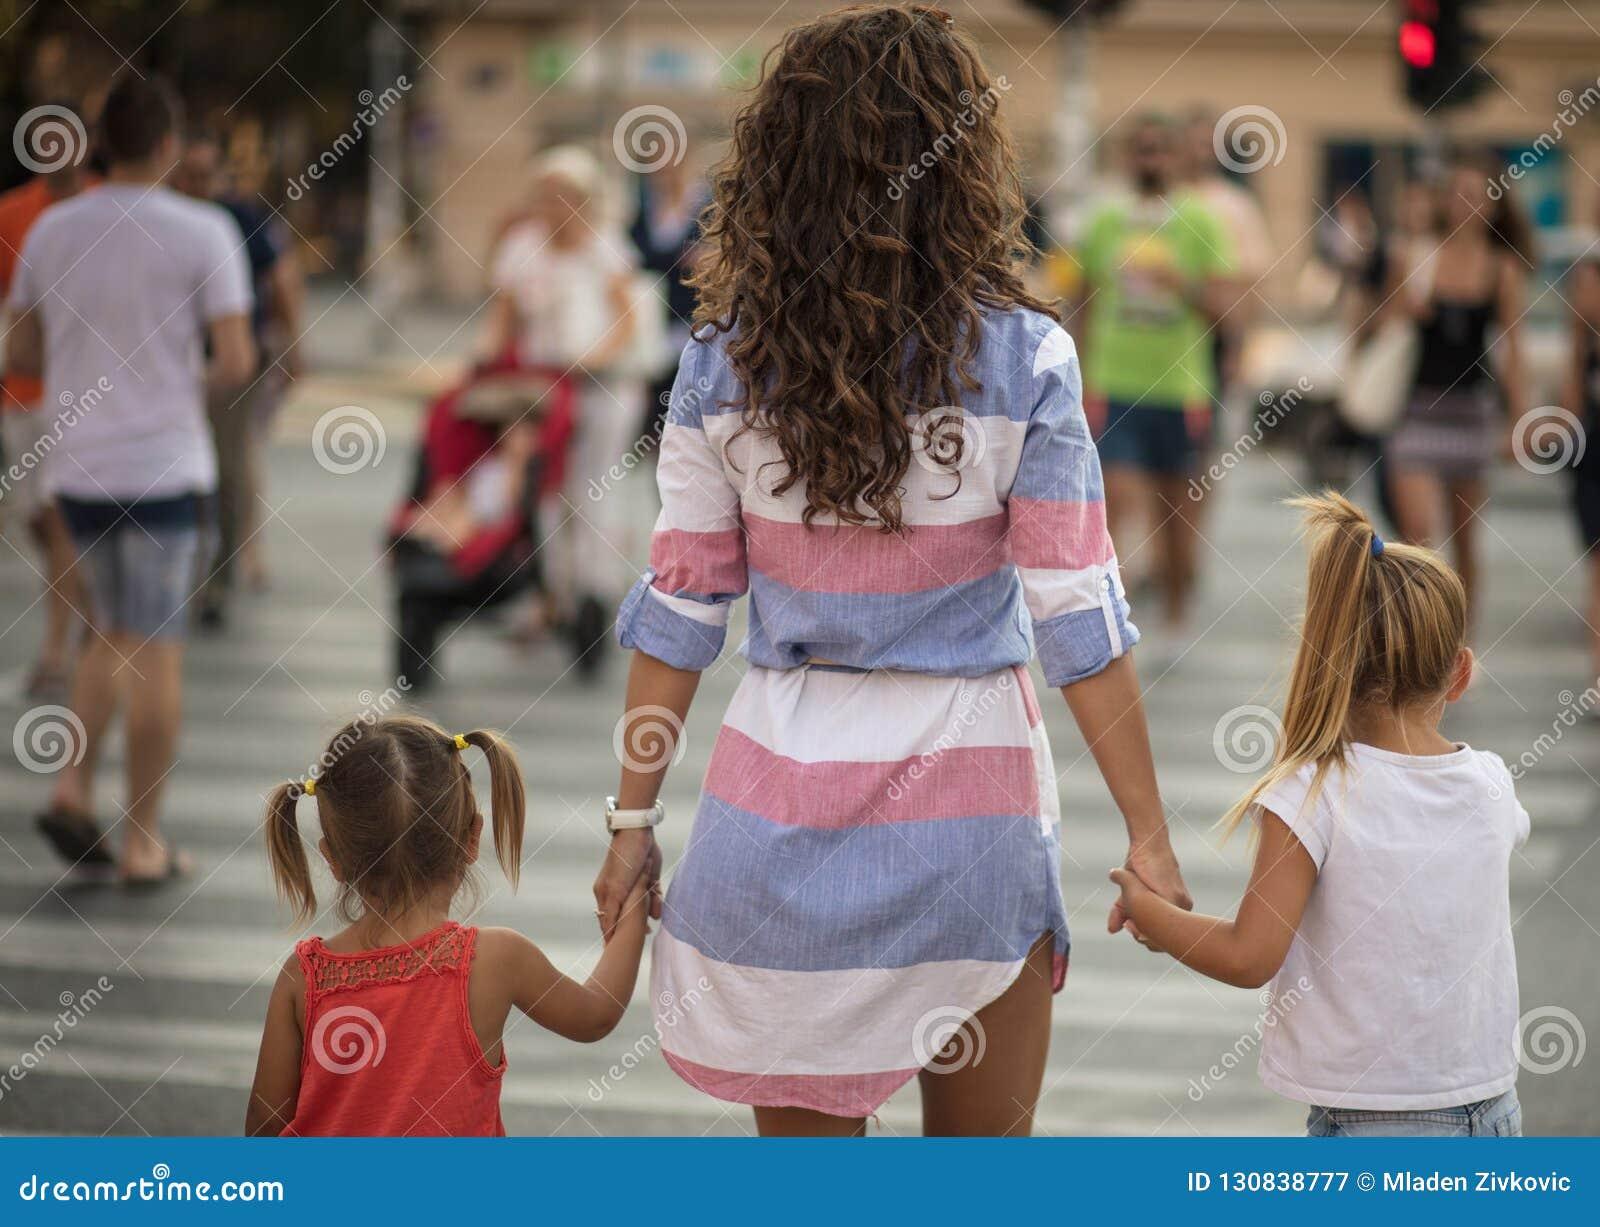 Mutter führt Sie immer auf dem rechten Weg